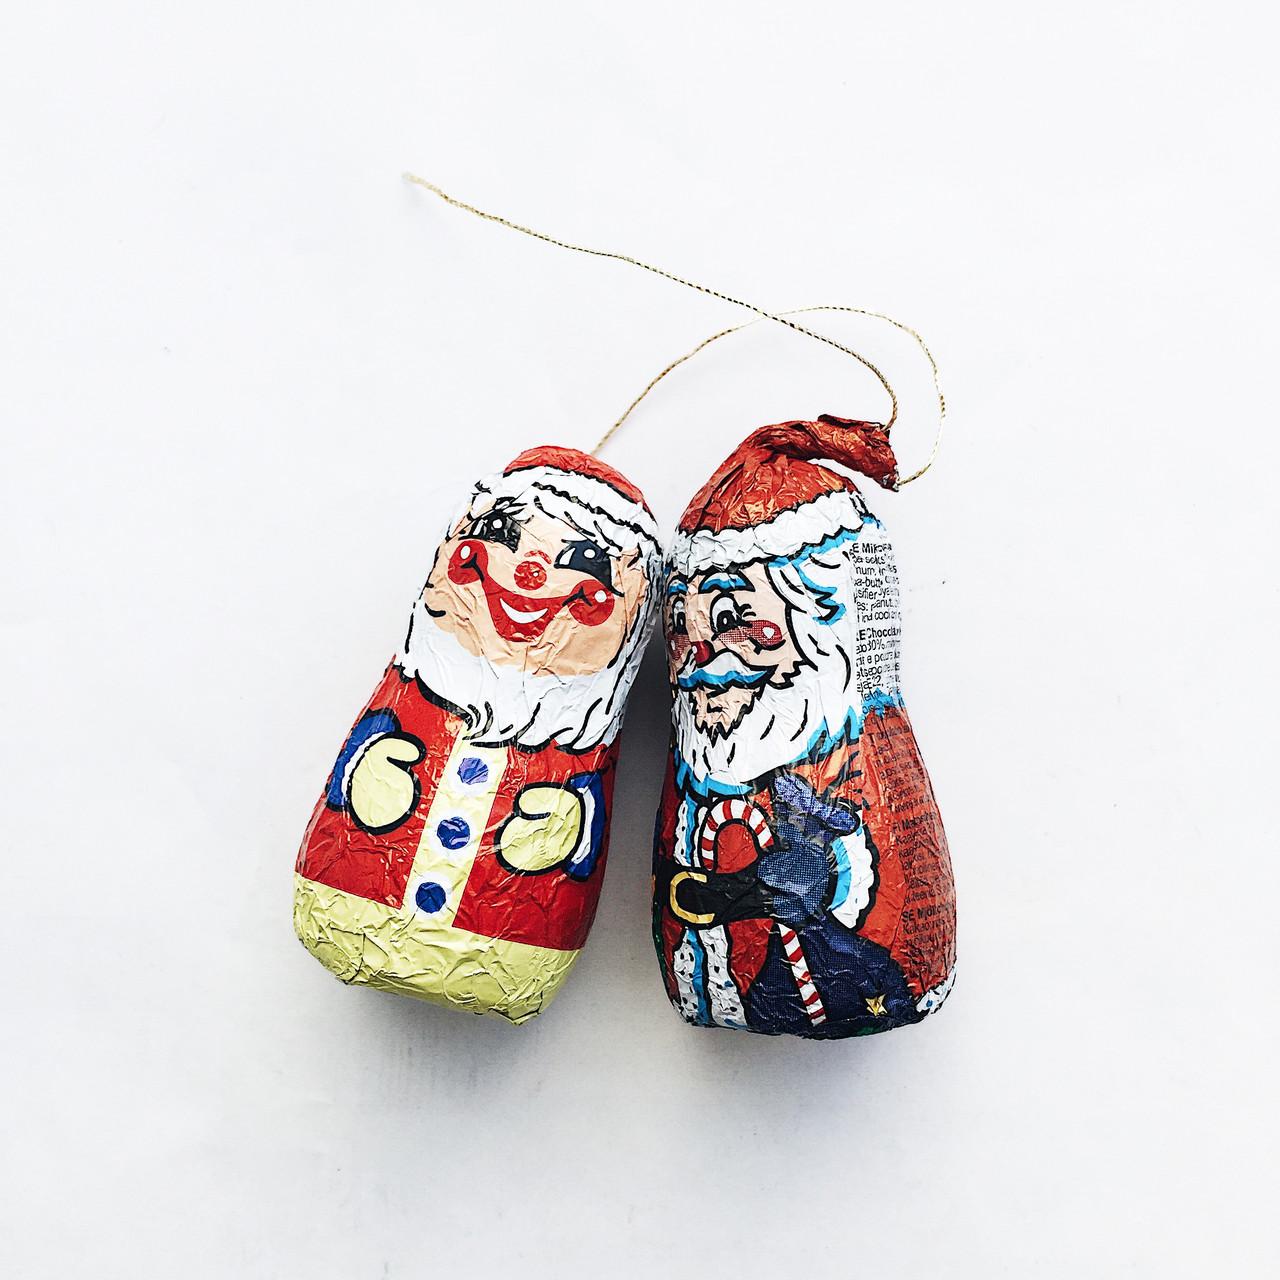 Дед мороз маленький (Санта) Klett 15гр.